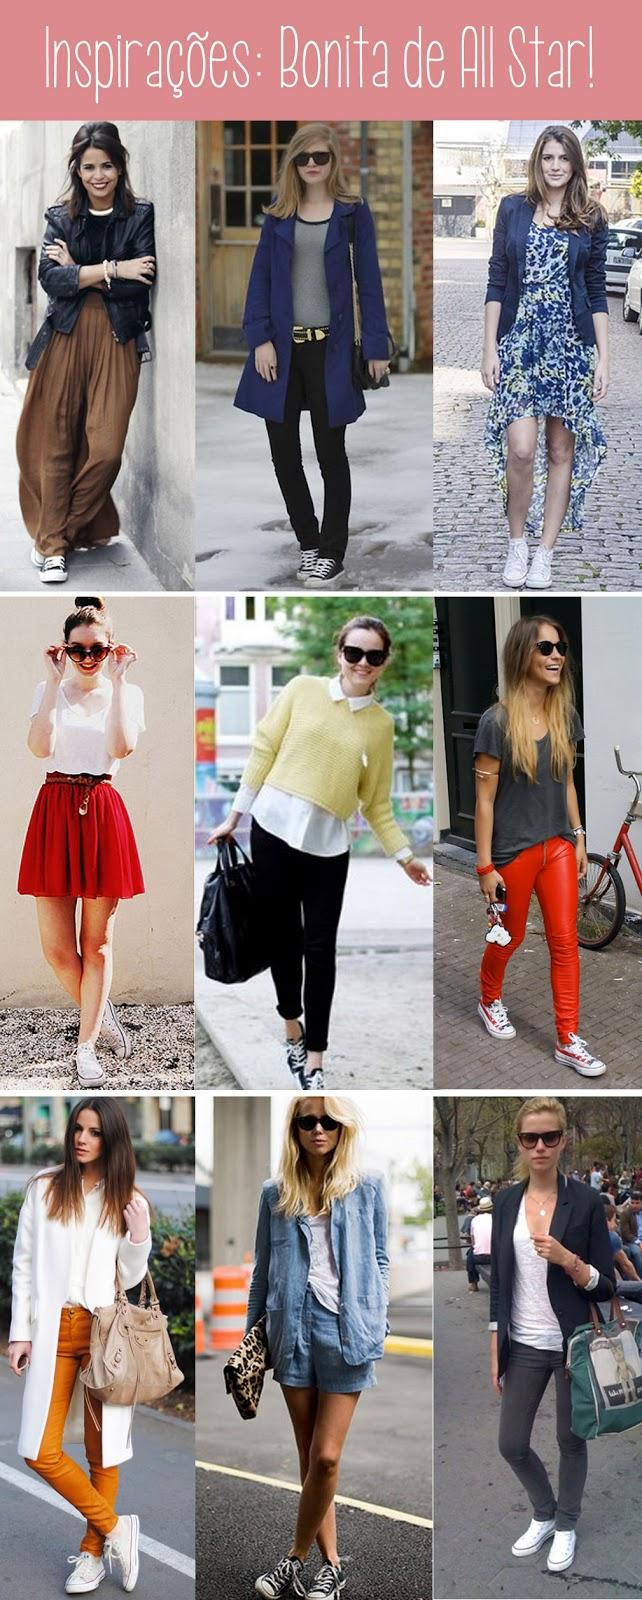 fashion, arrumada, moda, blazer, calça de couro, trabalho, arrumada, balada, tênis, animal print, mullet, saia longa, vestido, alfaiataria